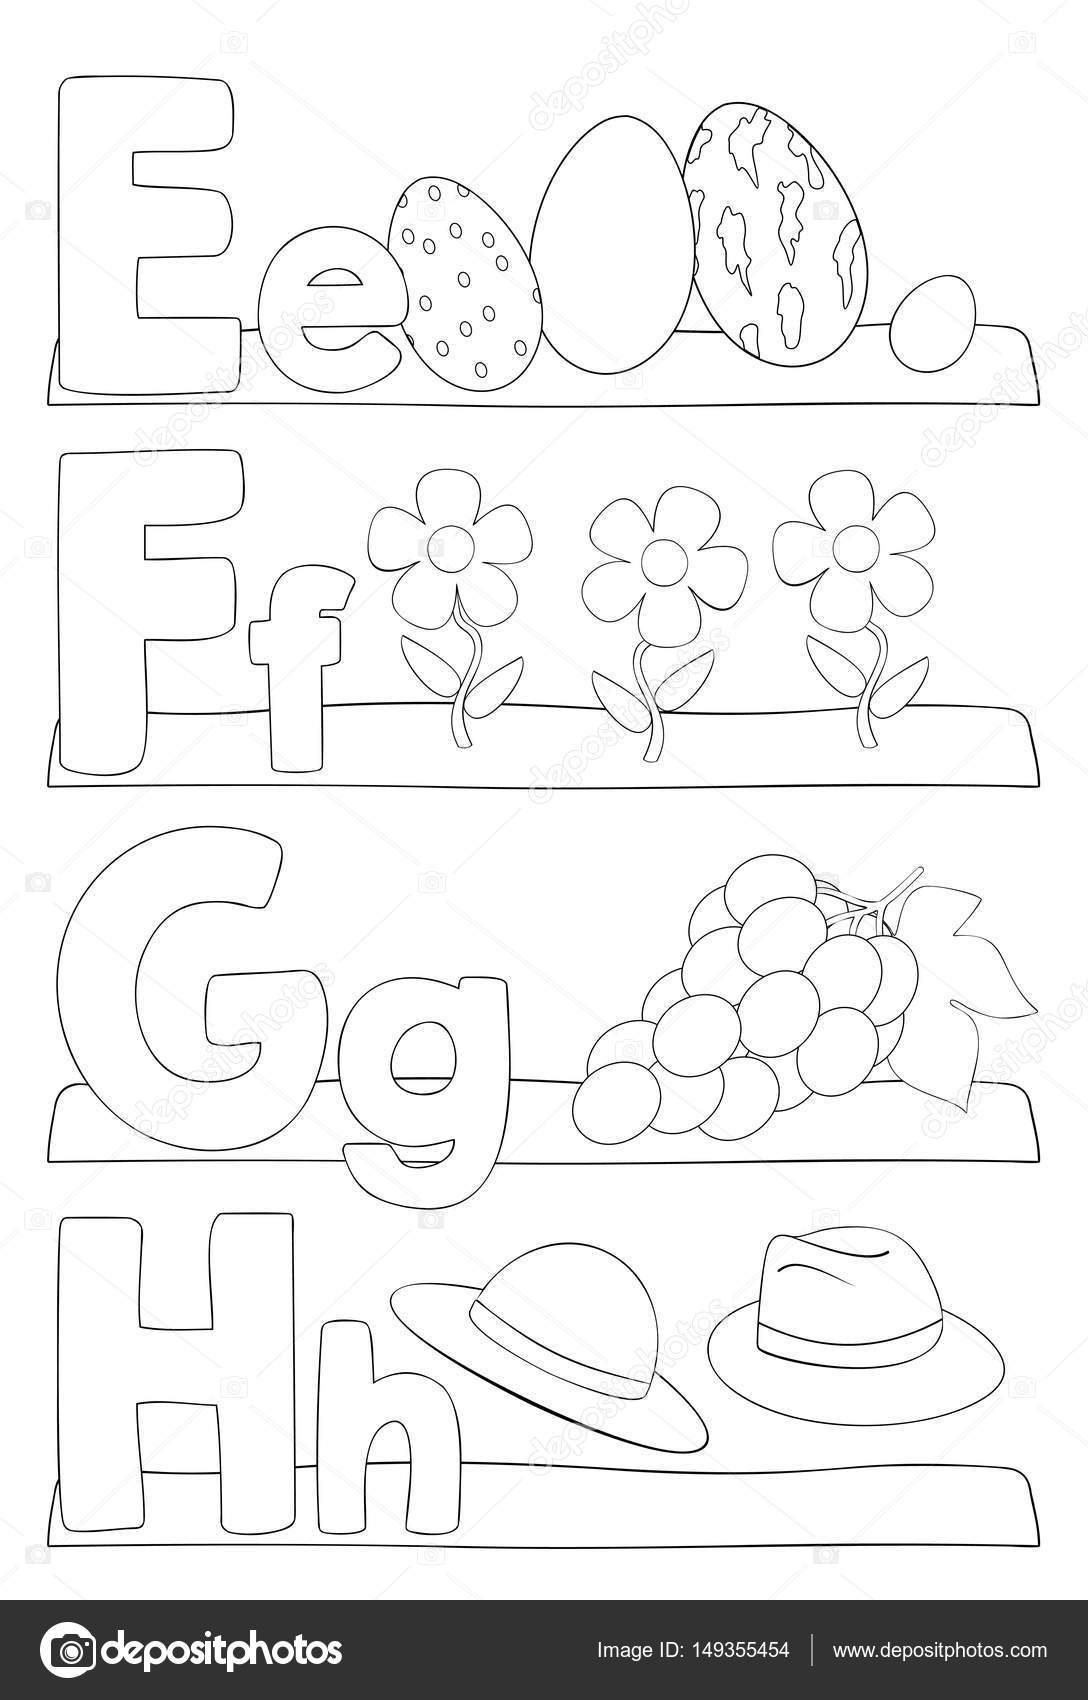 Kleurplaten Letters Alfabet.Alfabet Letters Kleurplaat Stockvector C Pupahava 149355454